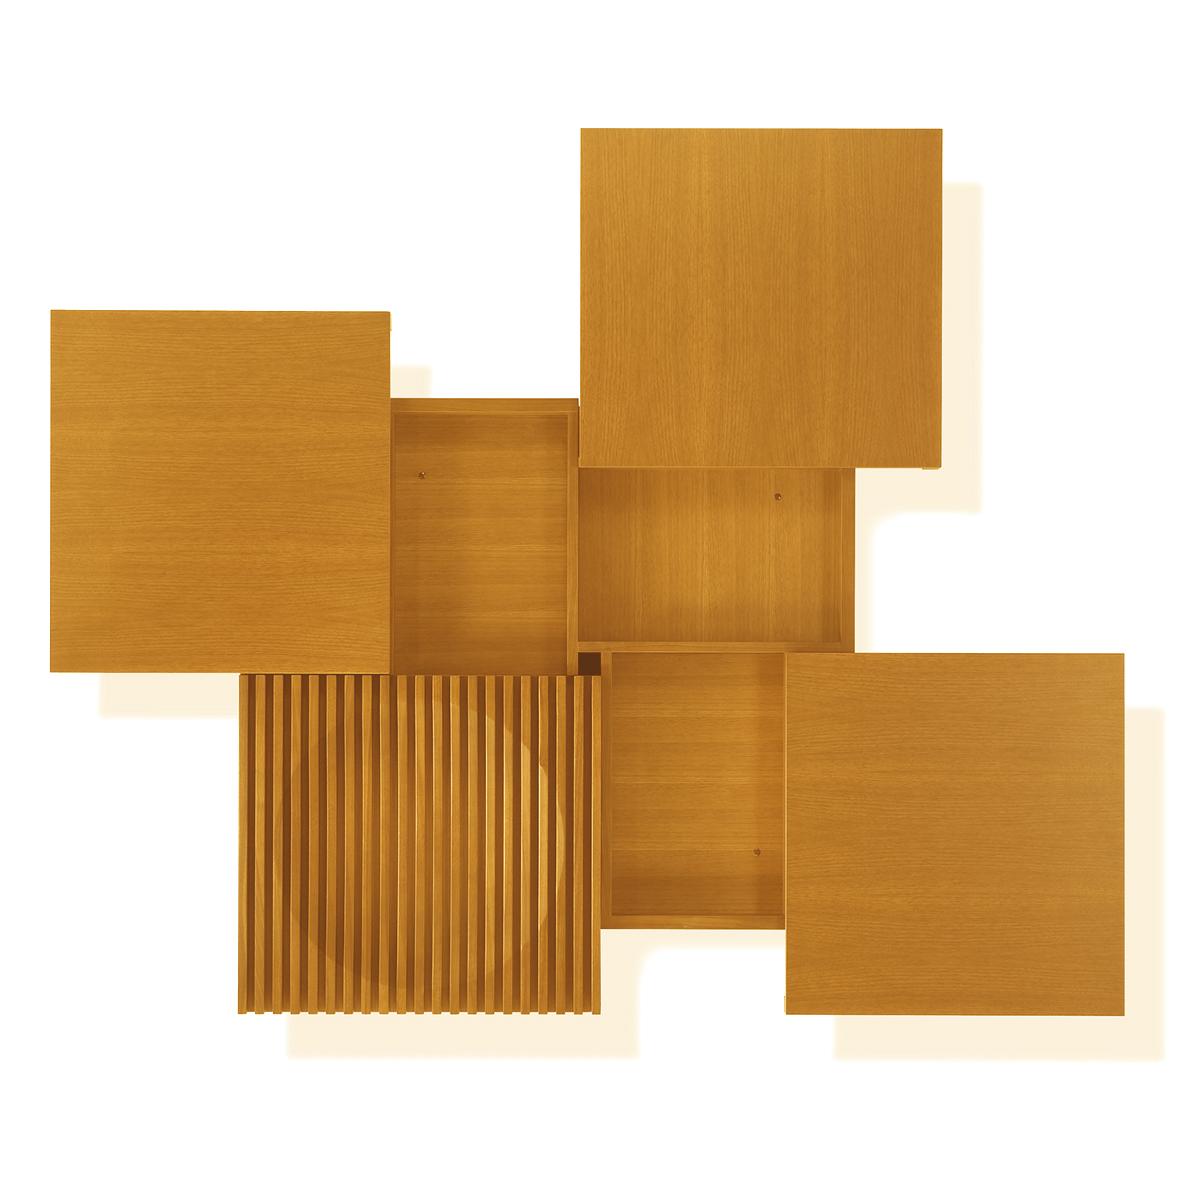 CONDE HOUSE(カンディハウス) BARRINGER(バリンジャー) スライドテーブルCR 120x120 ナラ材 NNF/NBB